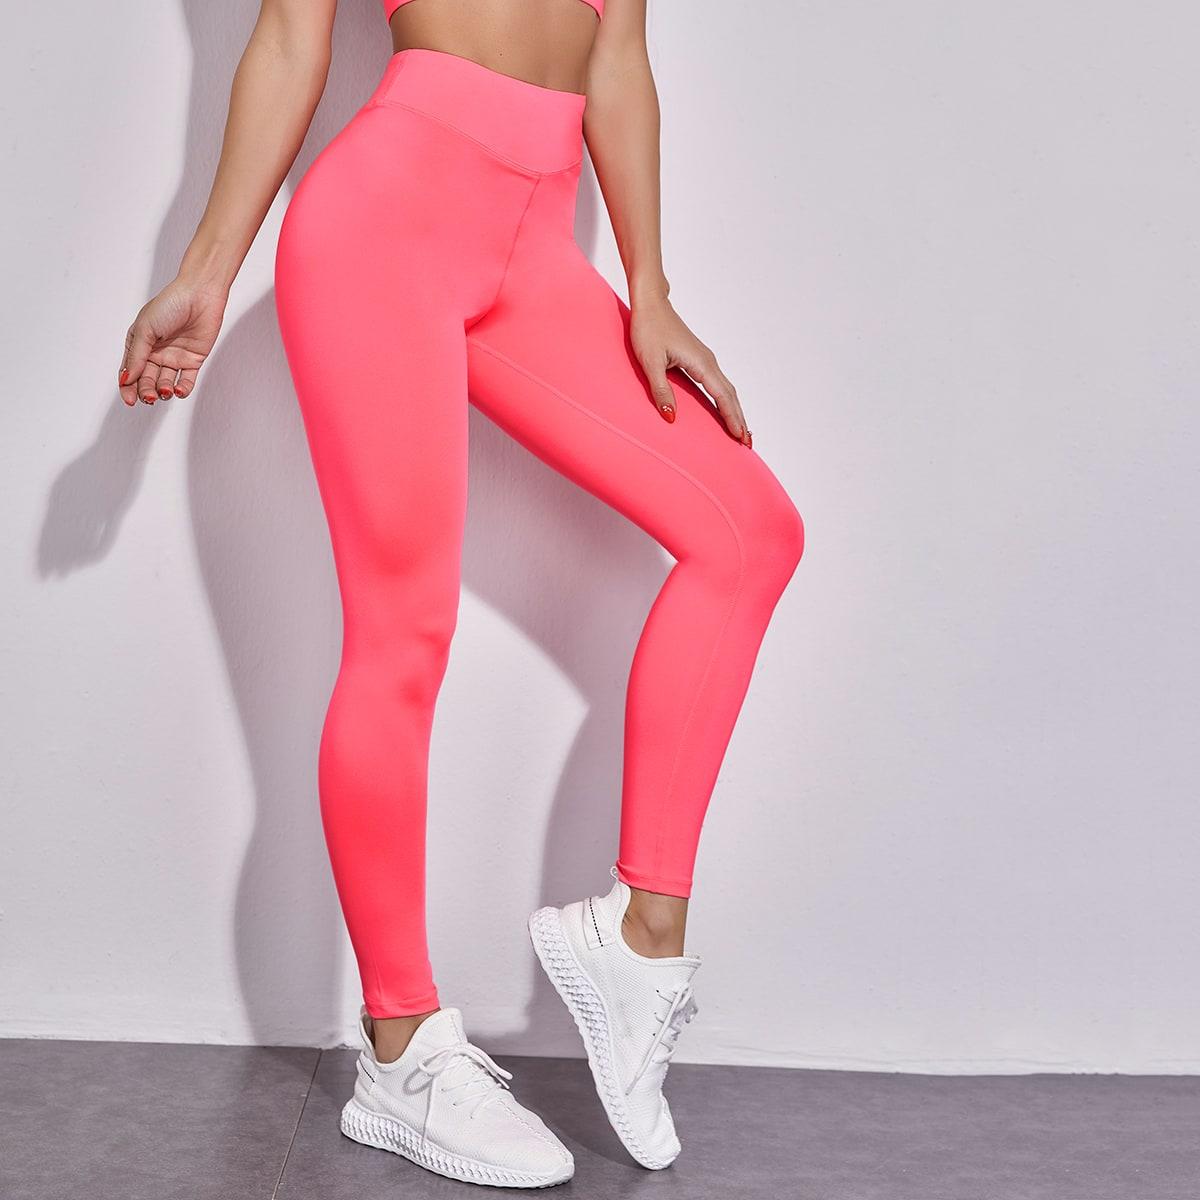 Неоново-розовые спортивные леггинсы